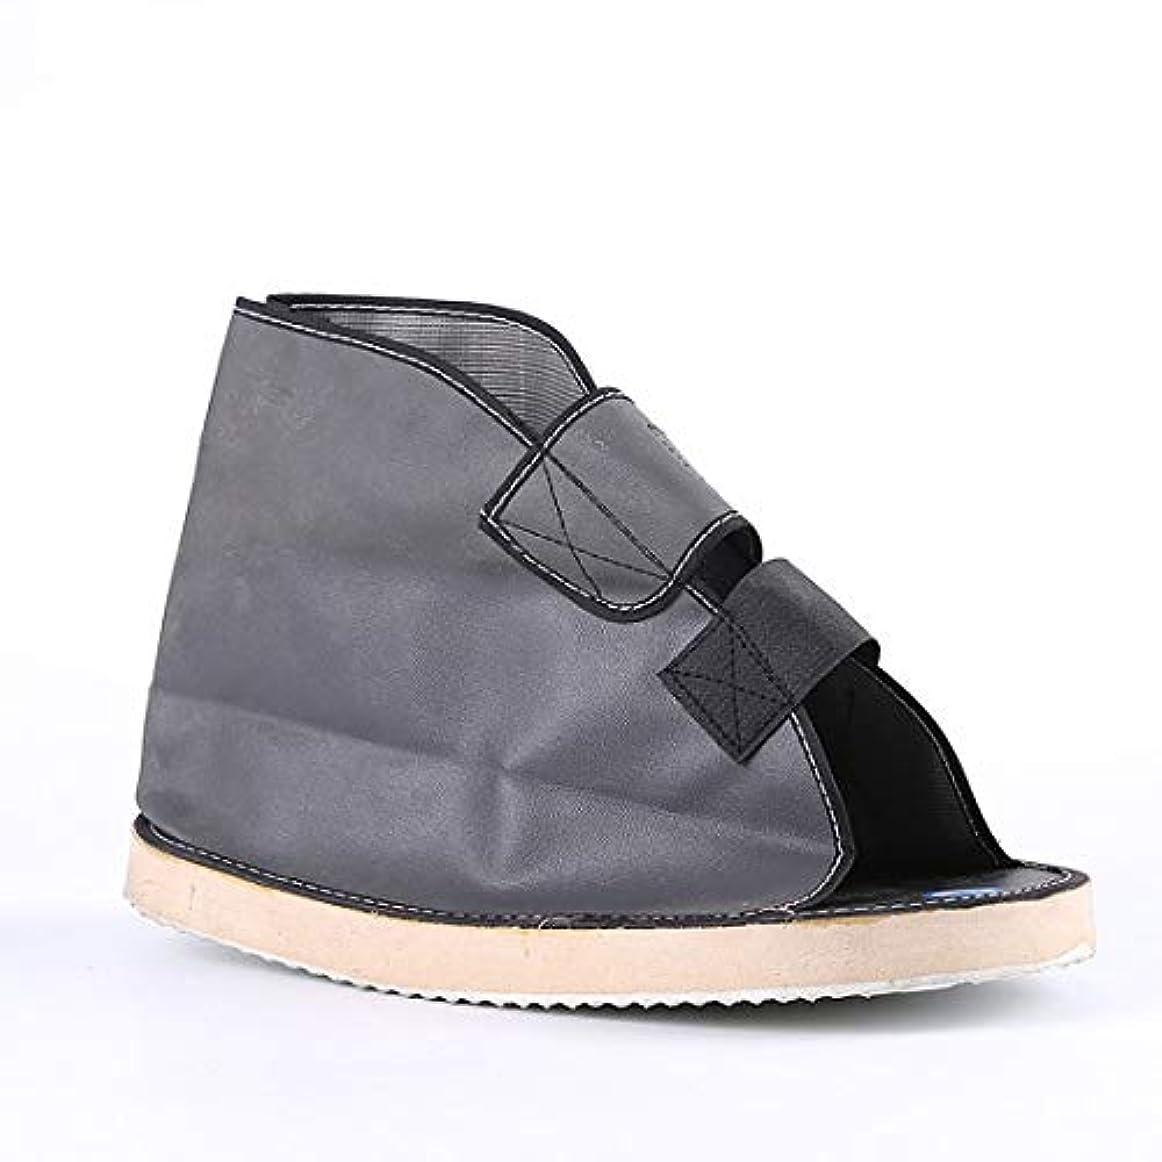 ピクニックキネマティクスクローン医療足骨折石膏の回復靴の手術後のつま先の靴を安定化骨折の靴を調整可能なファスナーで完全なカバー,L28.5*13cm